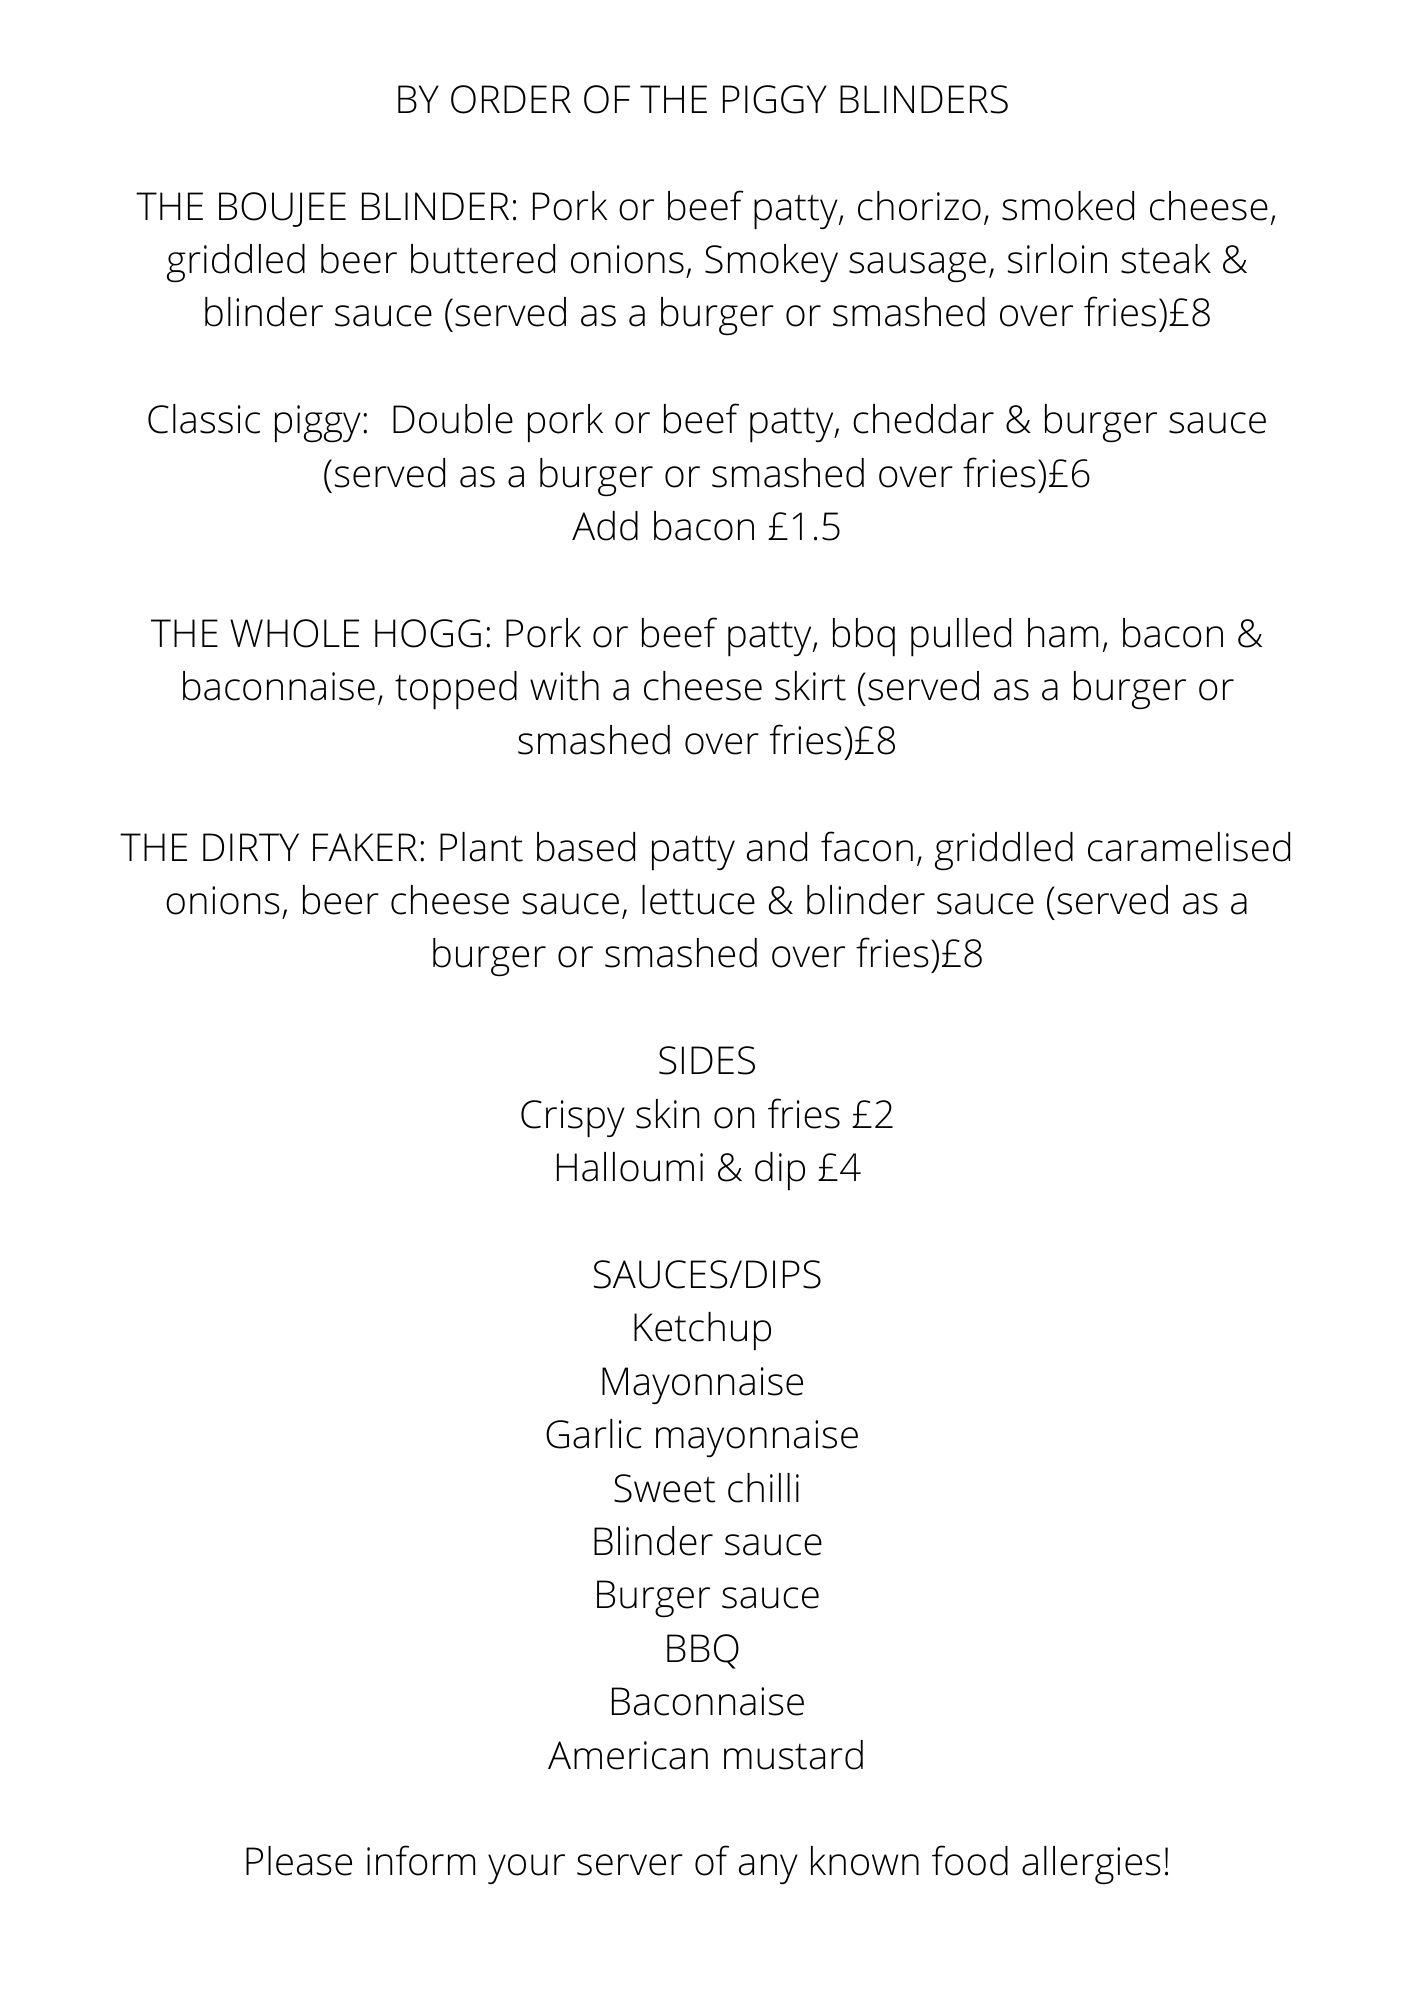 Piggy Blinders menu